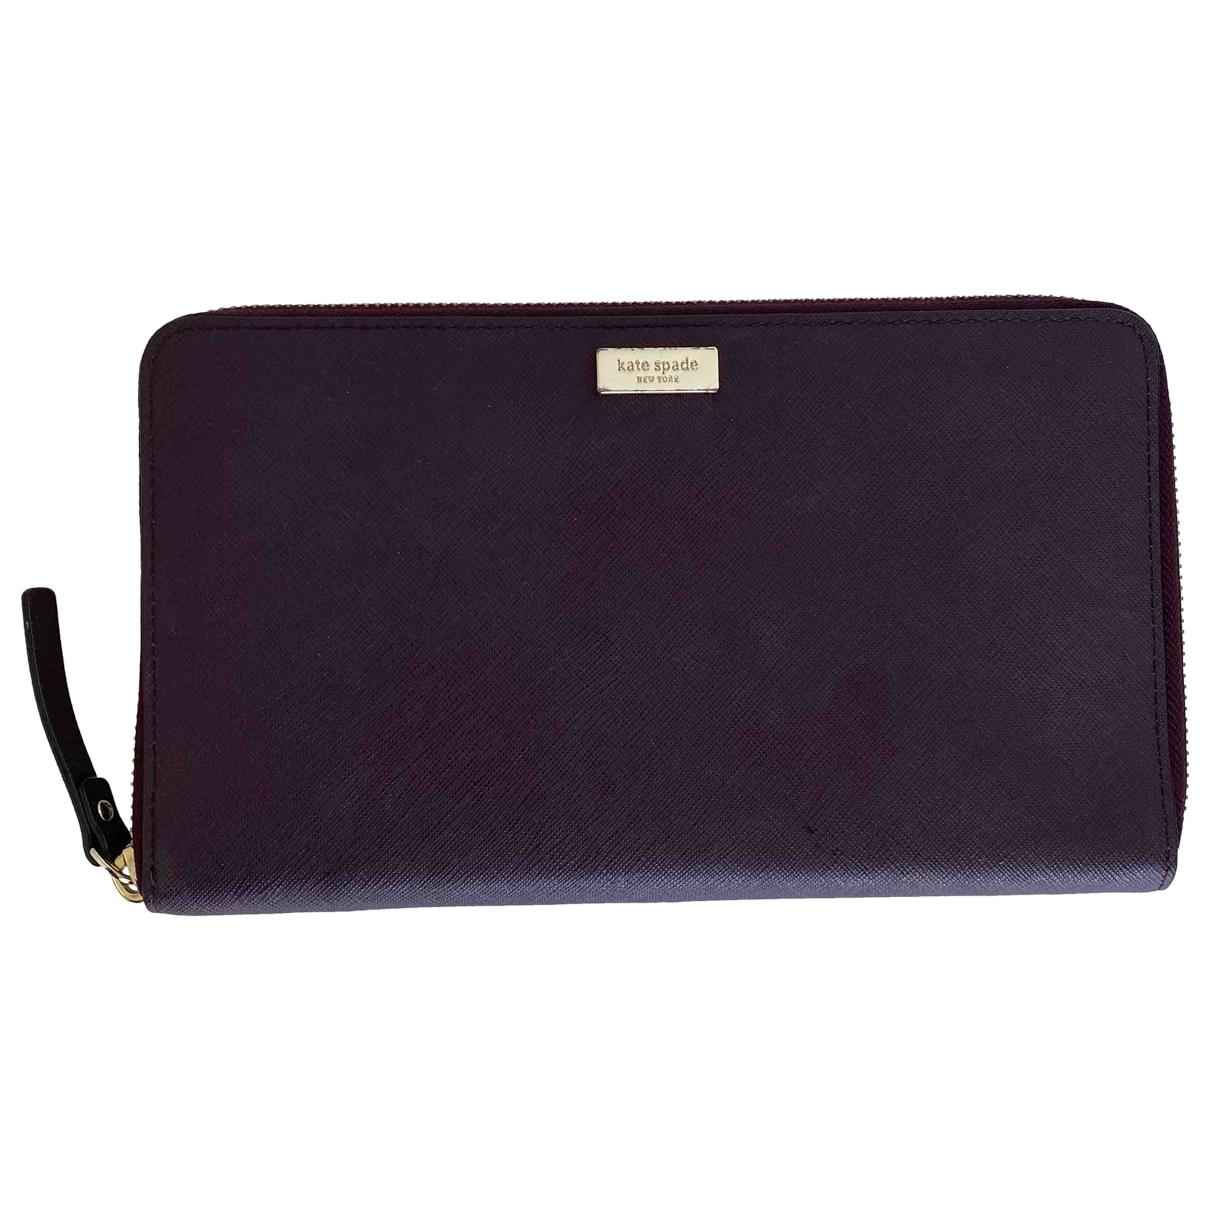 Kate Spade - Portefeuille   pour femme en cuir - violet